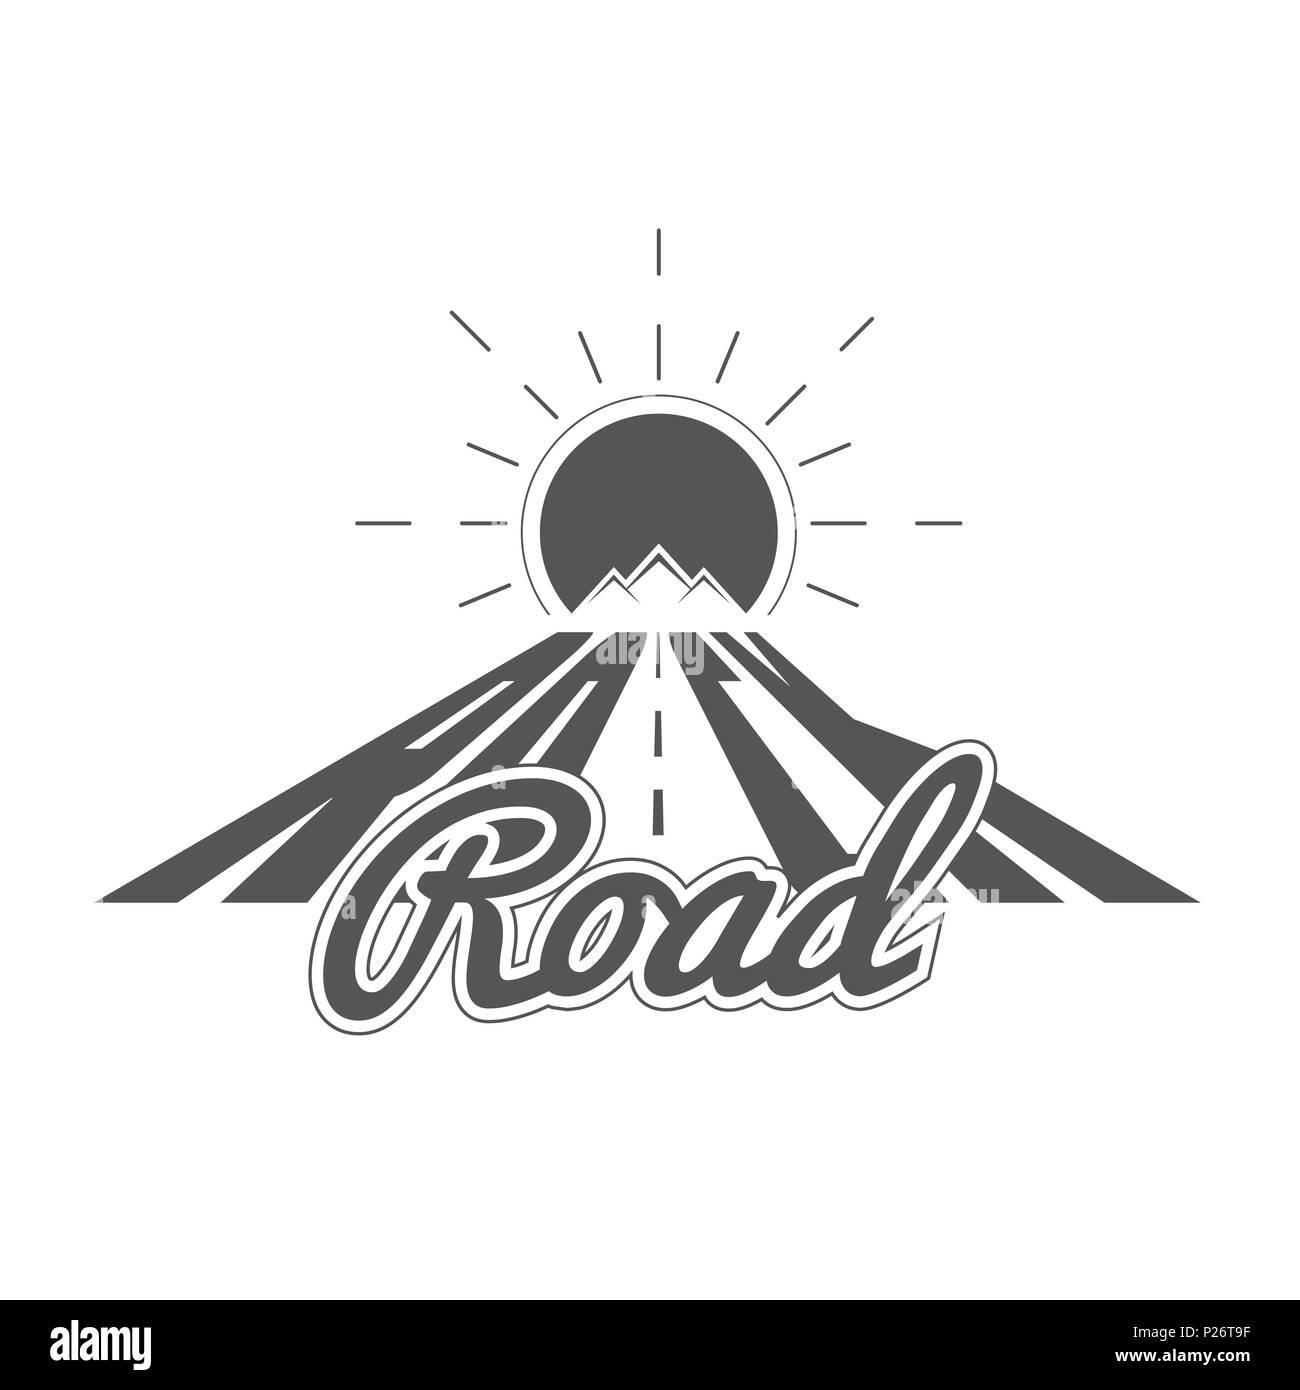 Rock Road - Alpine Adventure Club emblema - Icono - Impresión ...